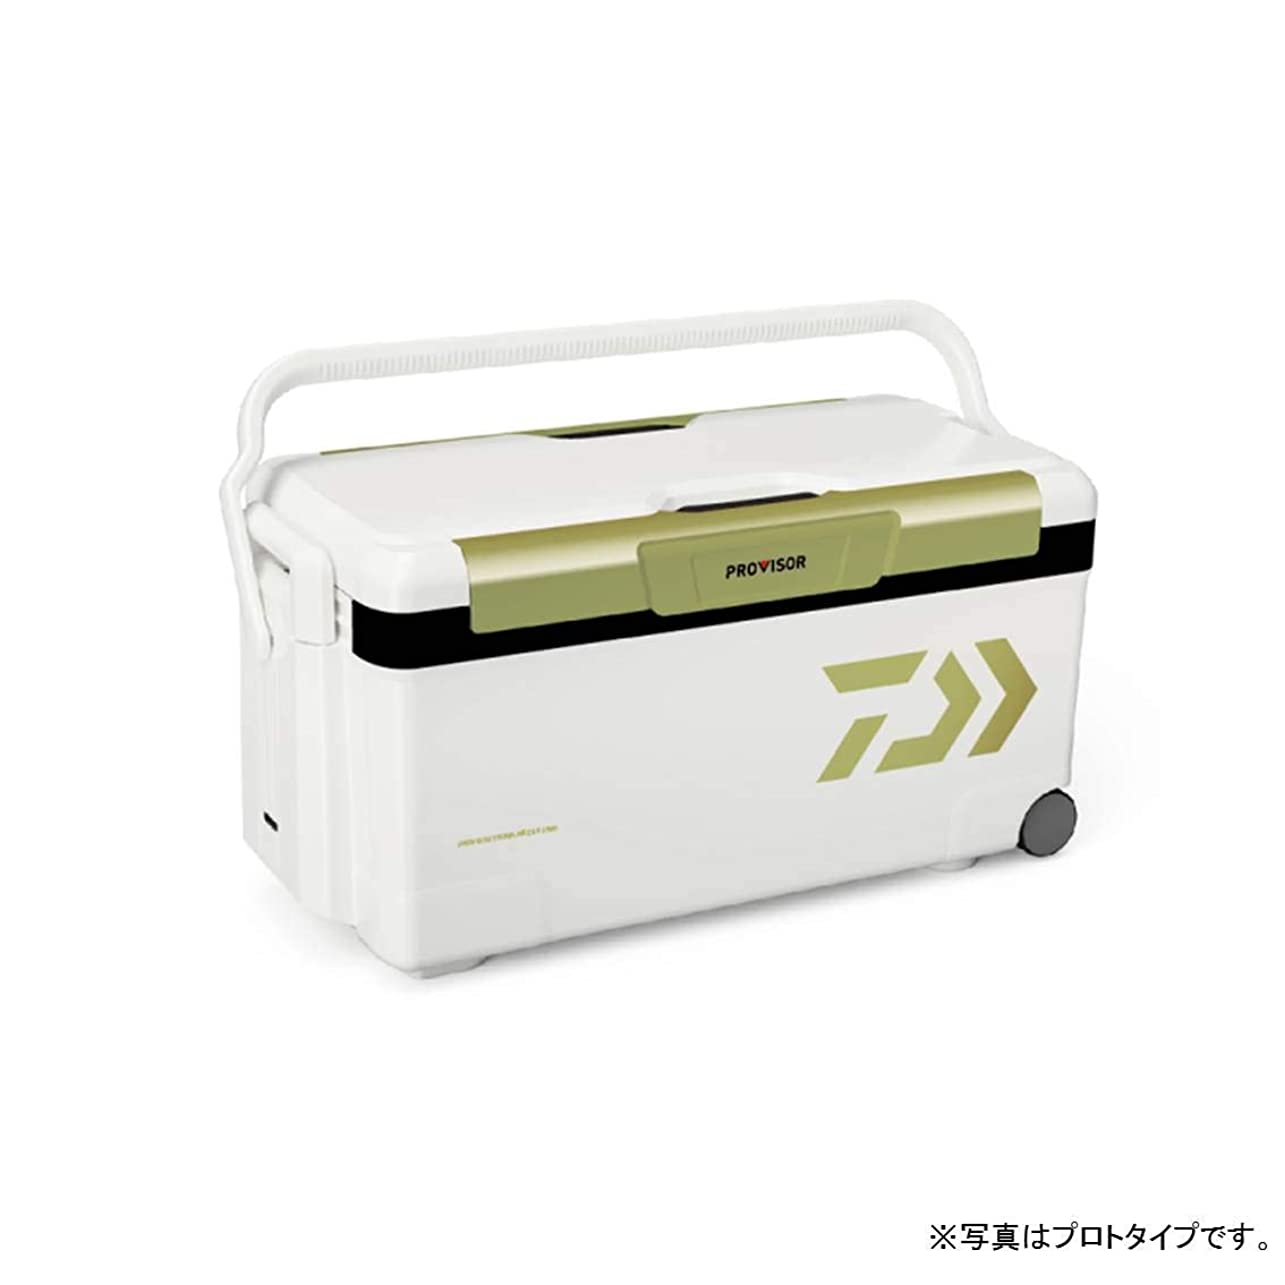 切り下げ解釈する酸化物ダイワ(Daiwa) クーラーボックス 釣り プロバイザーHD SU 2700 アイスブルー